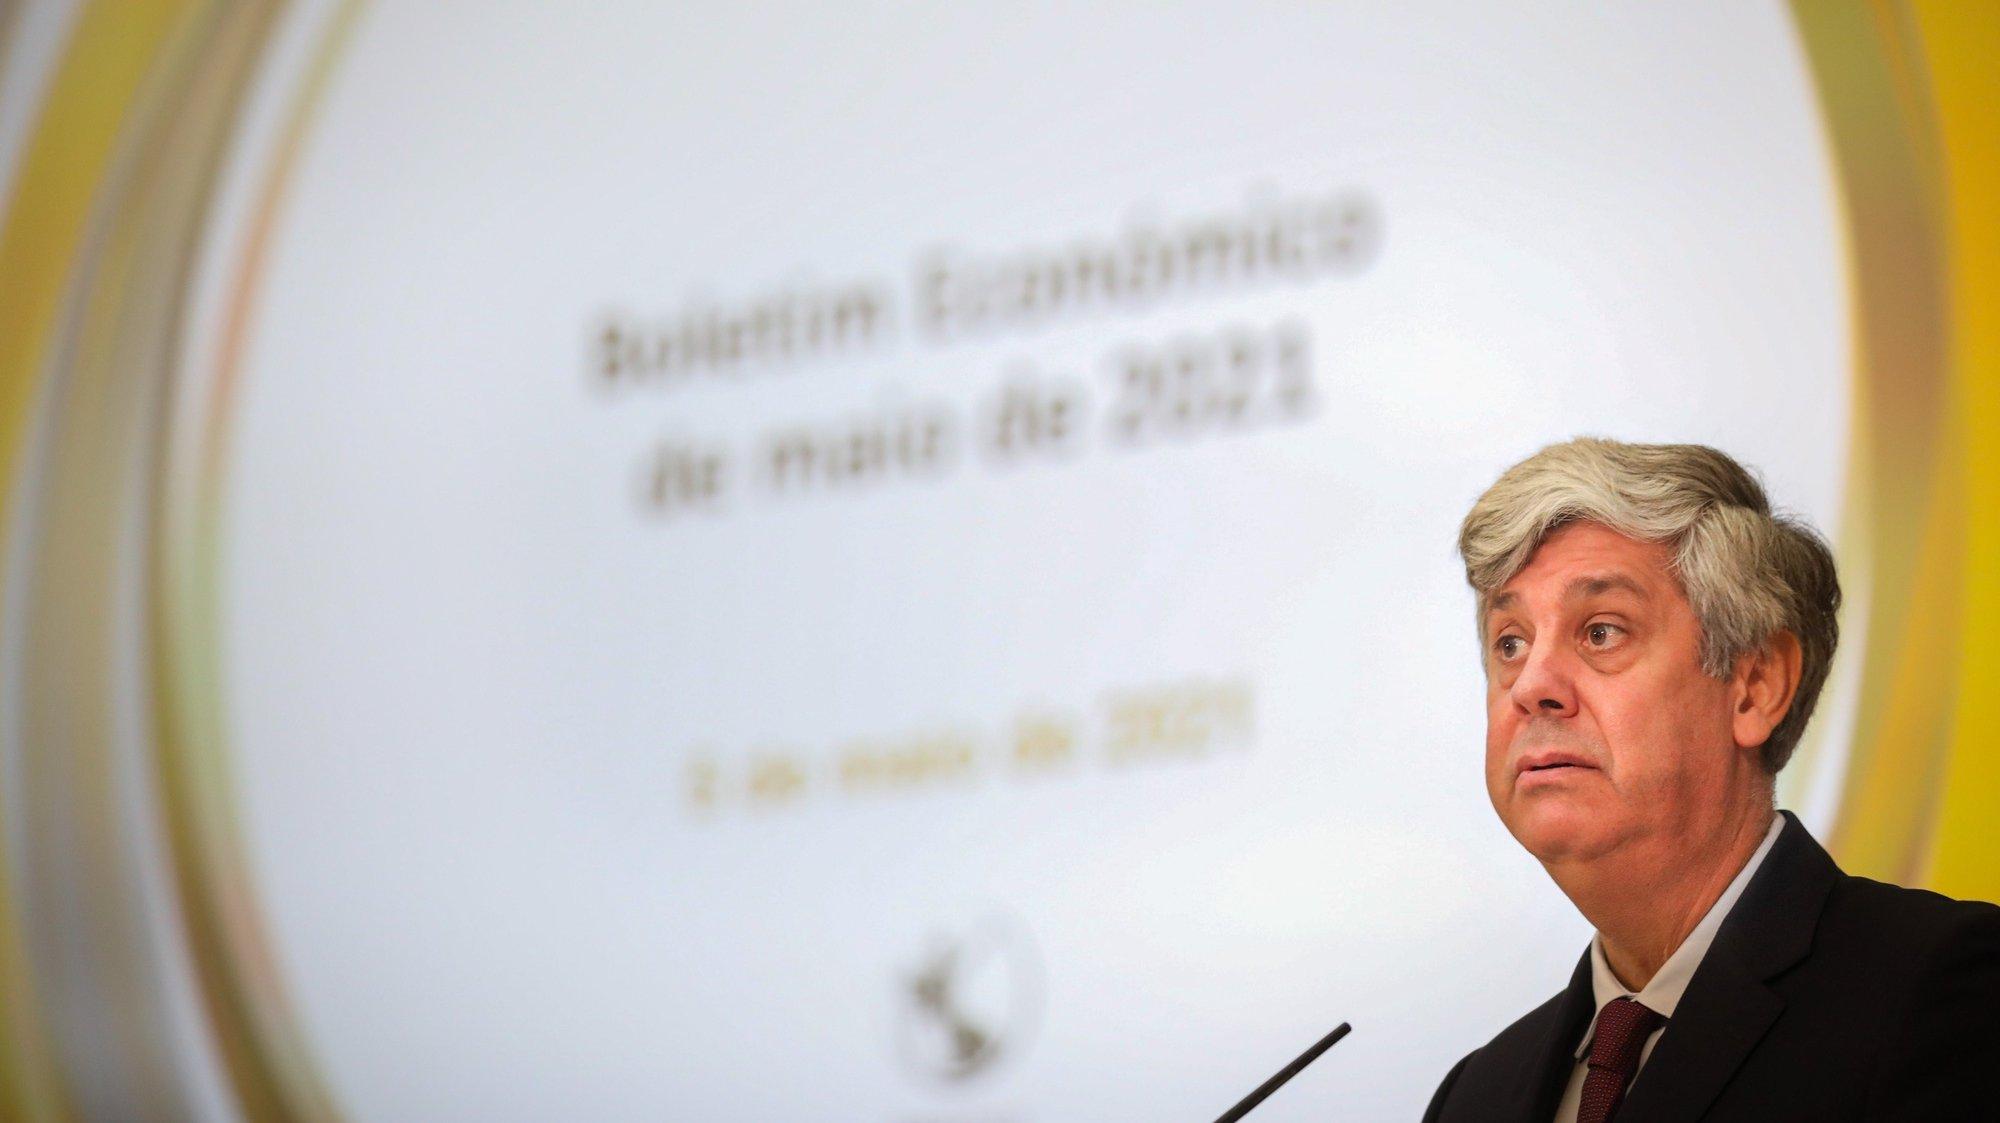 O governador do Banco de Portugal (BdP), Mário Centeno, durante uma conferência de imprensa do Boletim Económico, onde faz uma análise aprofundada da evolução da economia portuguesa em 2020,  em Lisboa, 05 de maio de 2021. ANDRÉ KOSTERS/LUSA